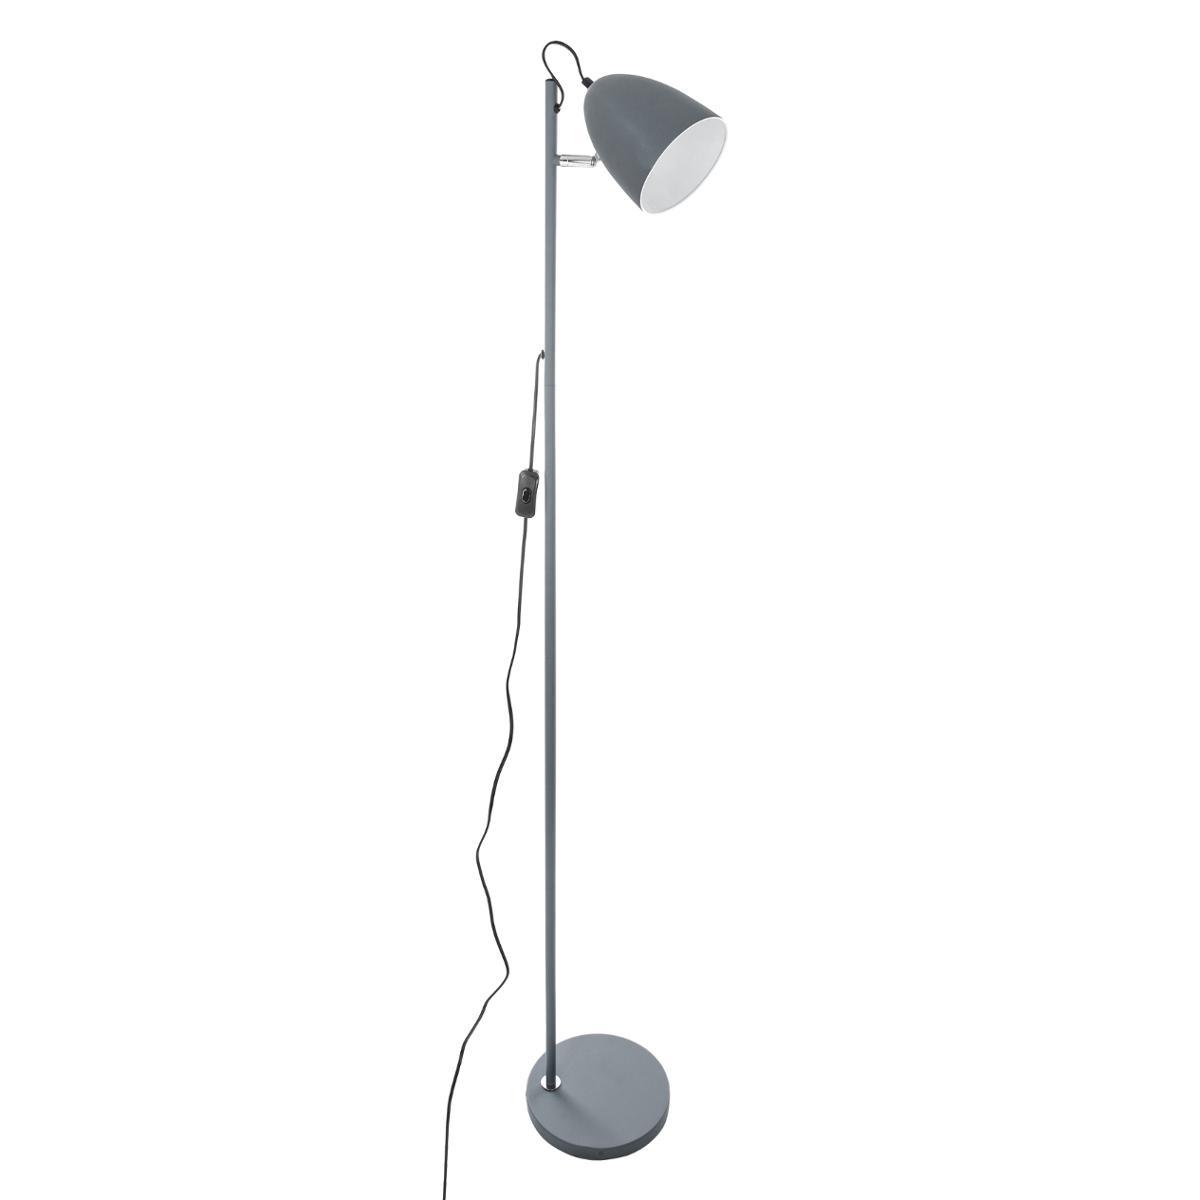 Lampadaire métal H150 - Atmosphera